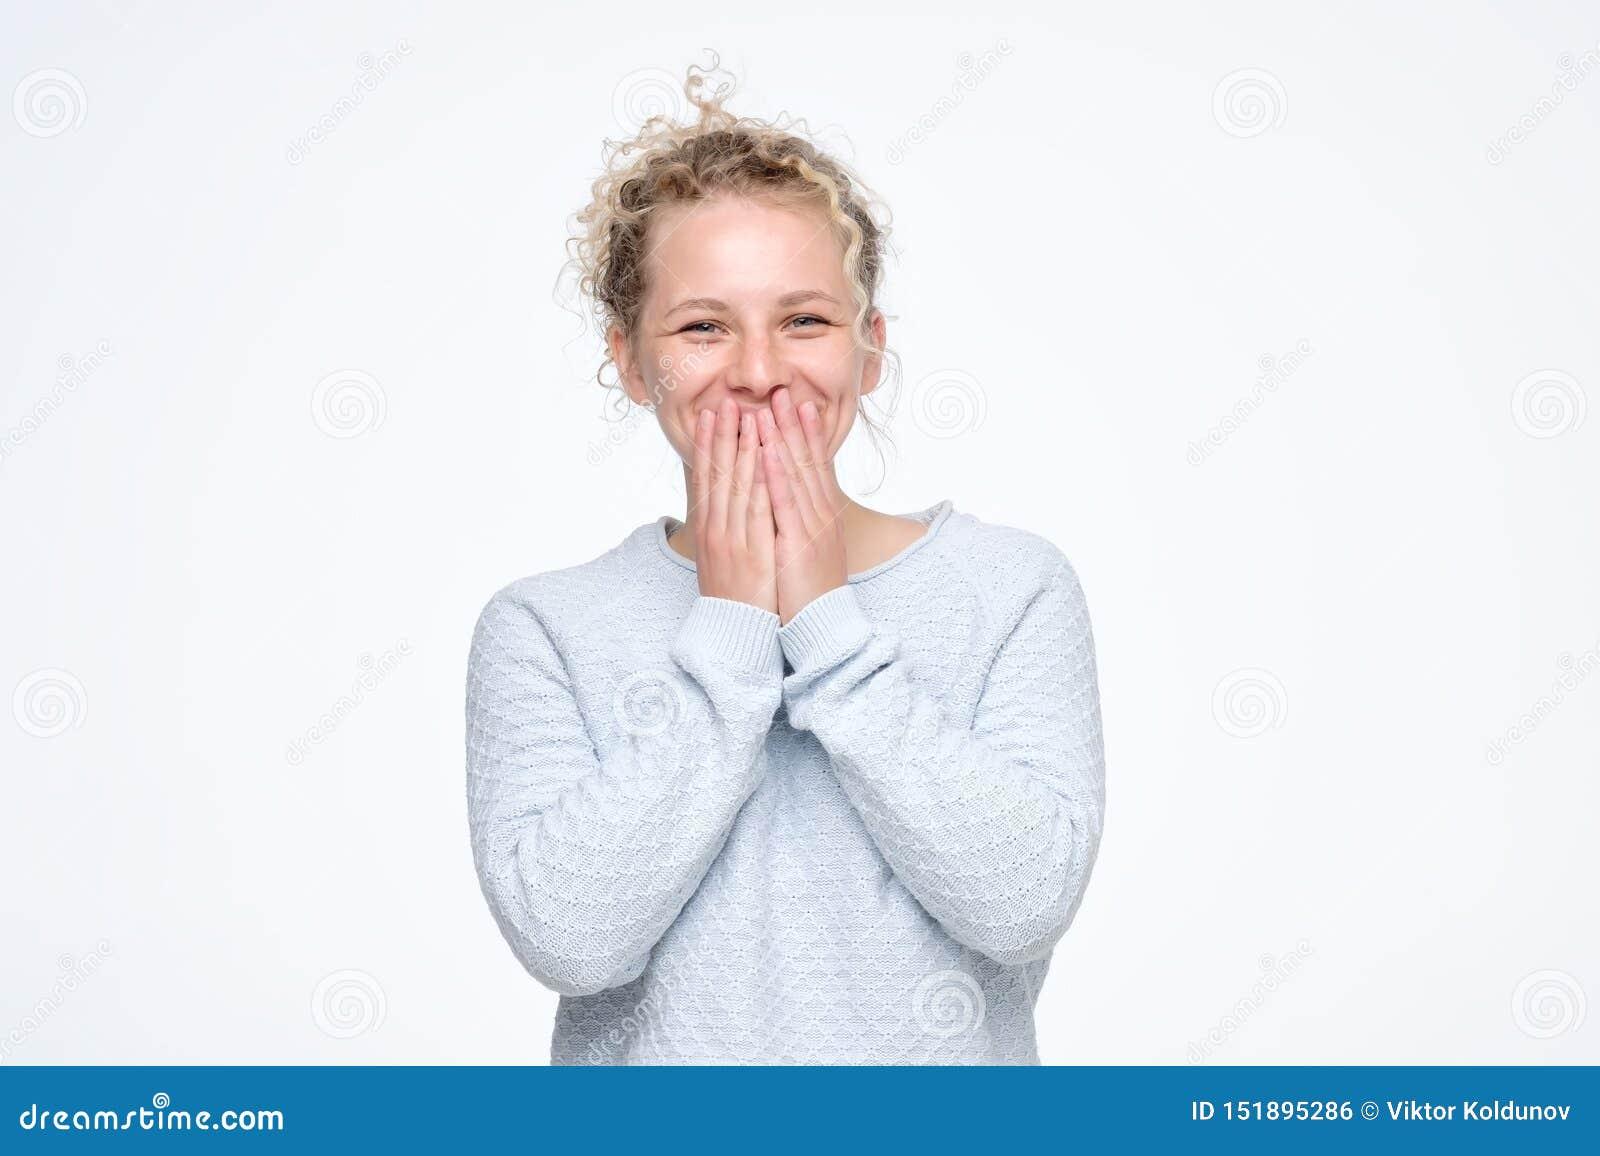 Junges kaukasisches gelocktes Gekicher froh, bedeckt Mund, während Versuche aufhören zu lachen